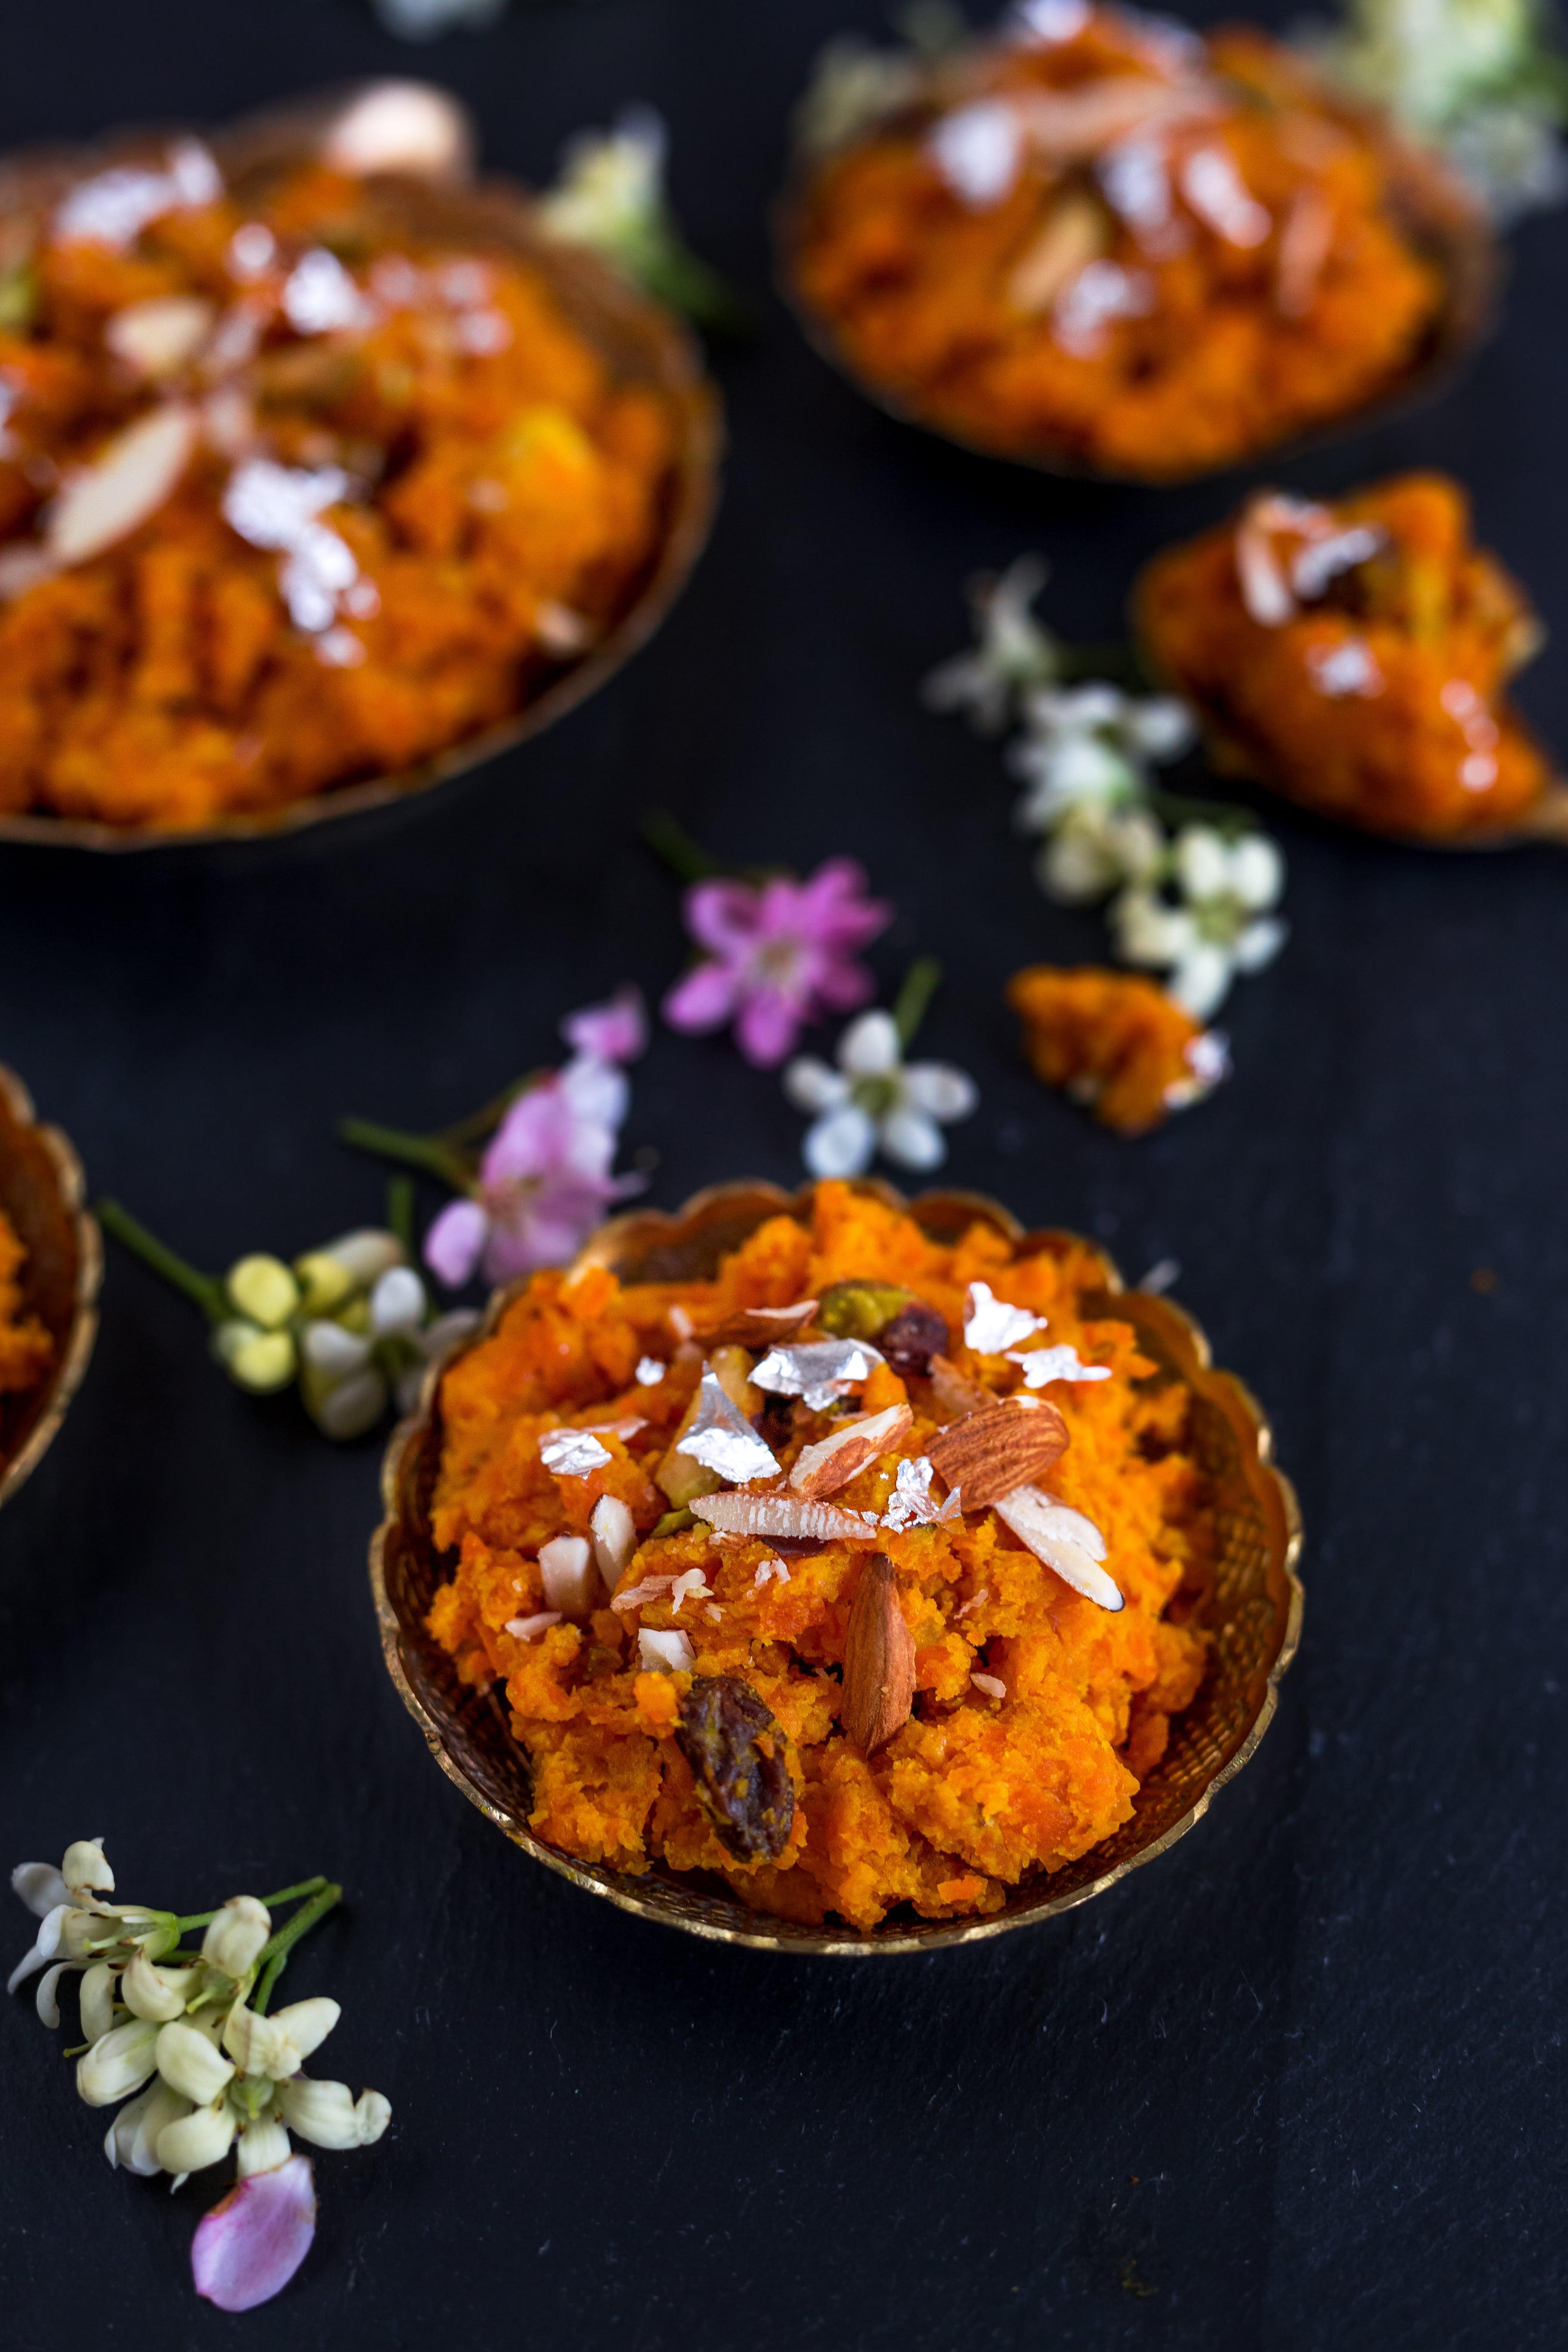 gaajar ka halwa recipe, how to make gaajar ka halwa, easy gaajar ka halwa recipe, desserts, kids recipes, navratri & fasting recipes, north indian recipes, popular indian recipes, punjabi recipes, tiffin recipes, toddler recipes